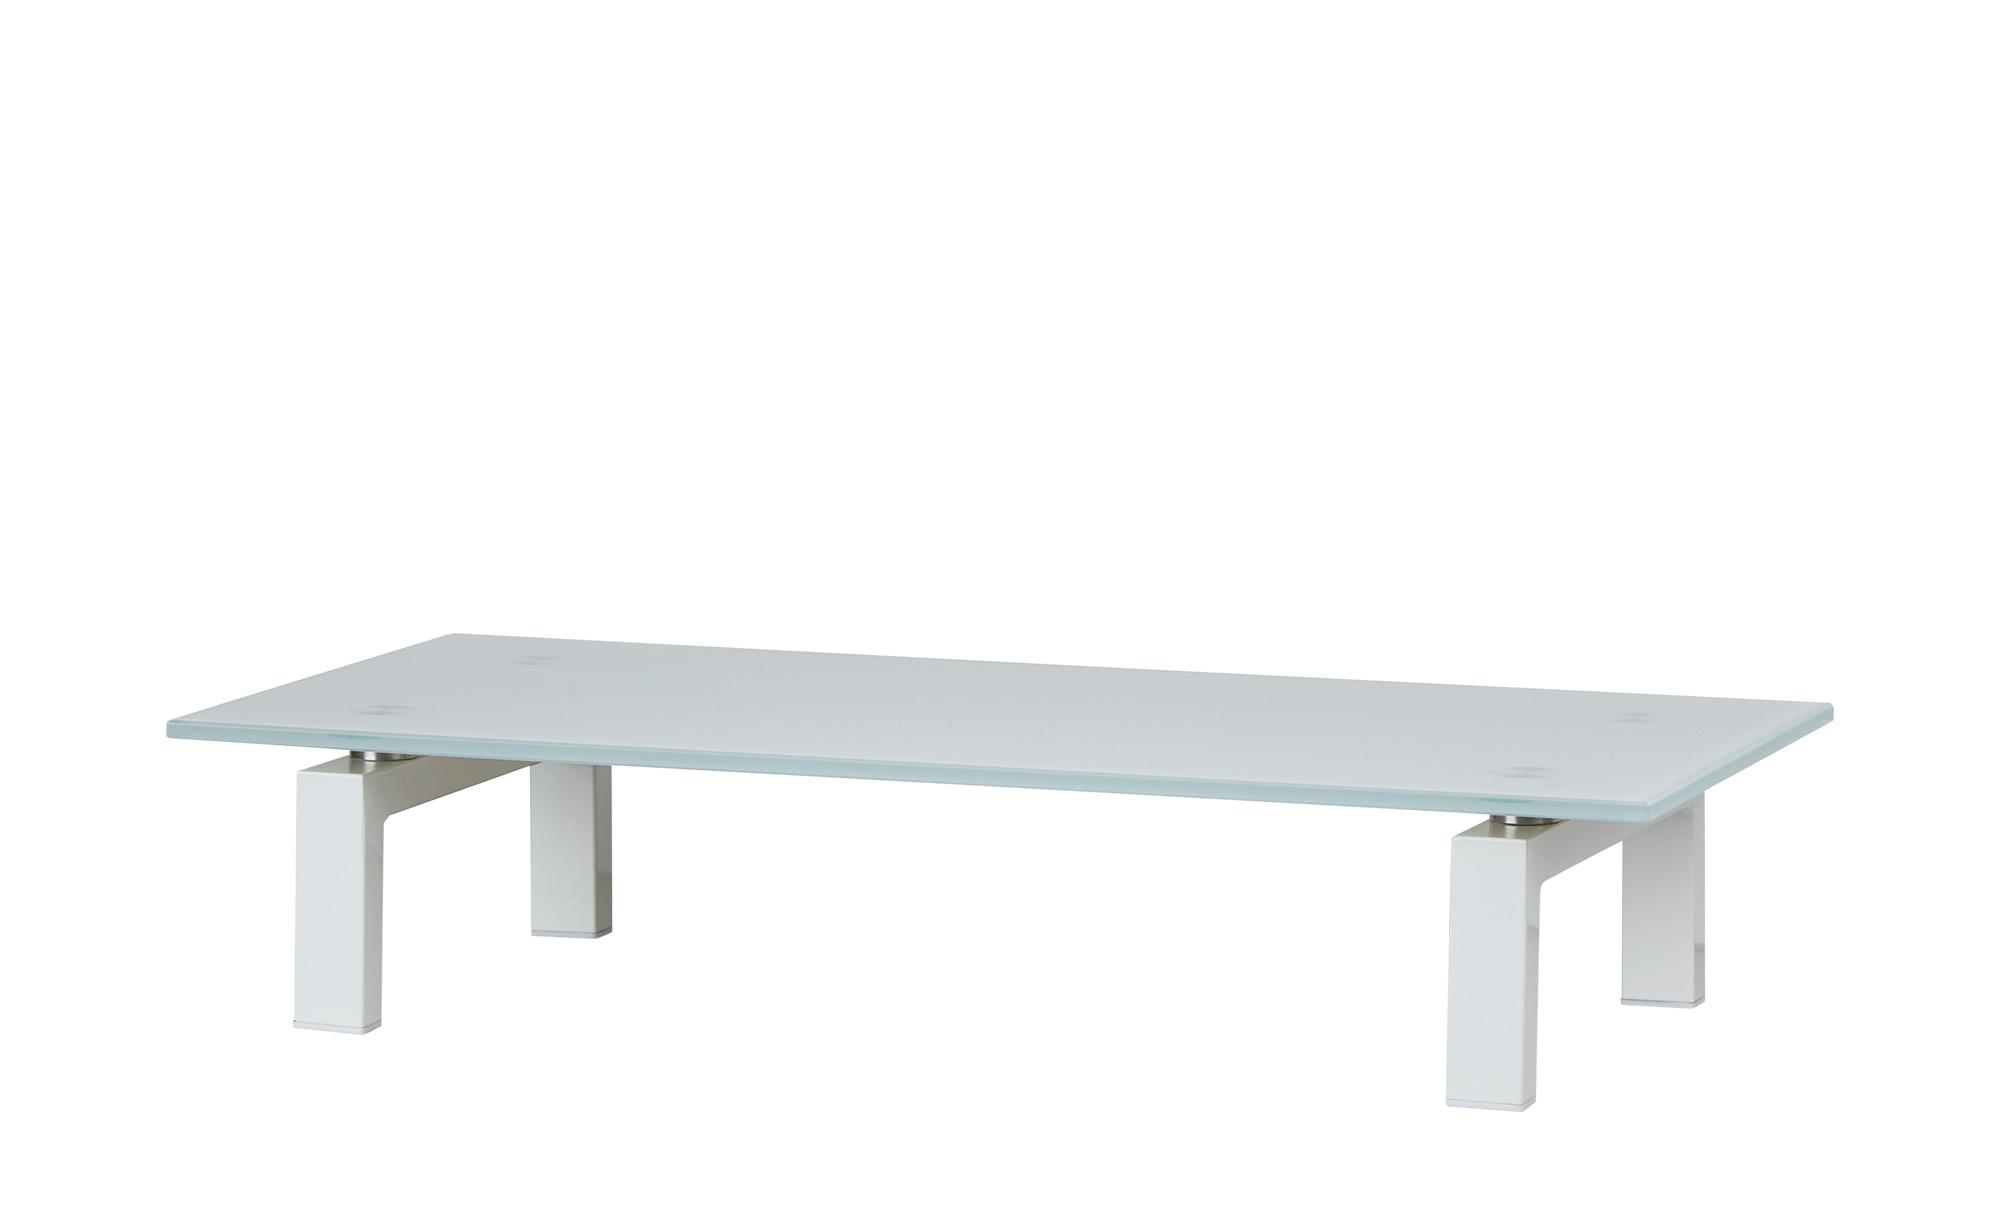 tv aufsatz magdeburg ii breite 60 cm h he 13 cm wei online kaufen bei woonio. Black Bedroom Furniture Sets. Home Design Ideas